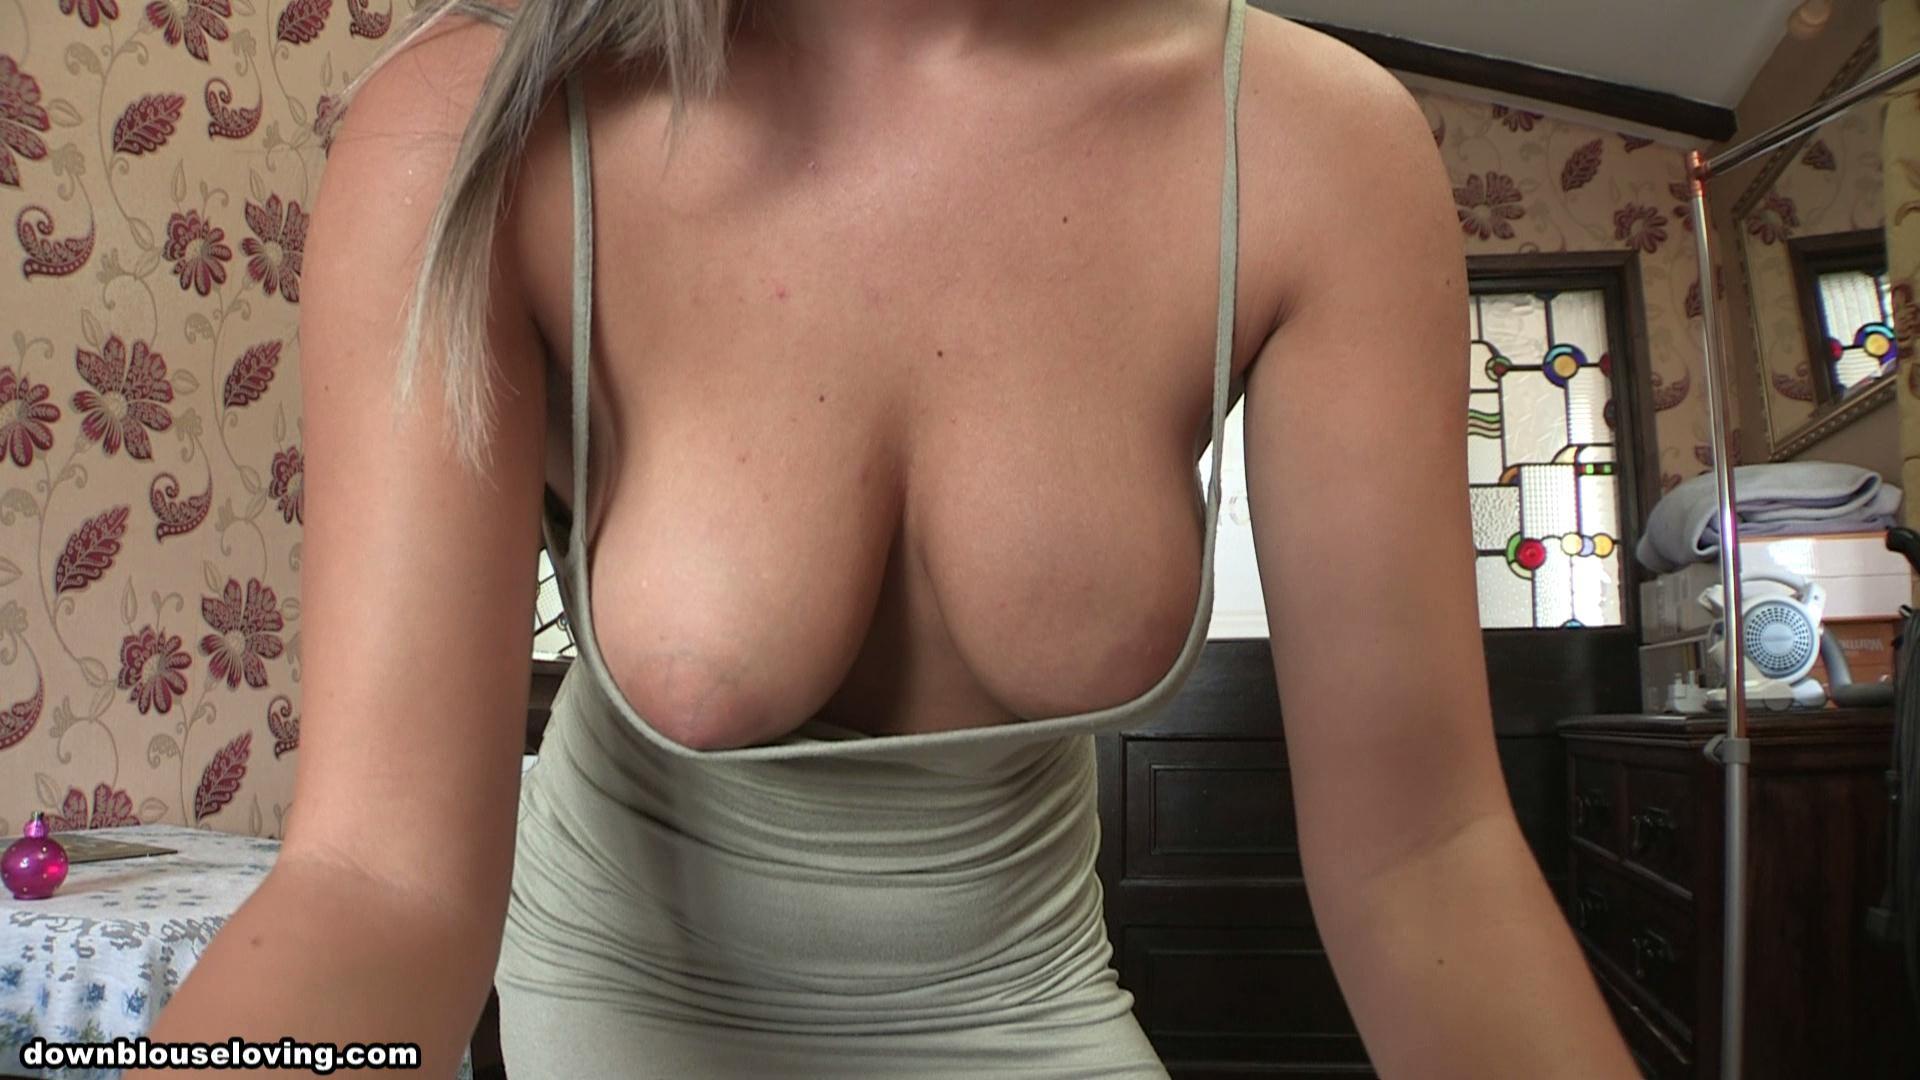 Beautiful nude women blog